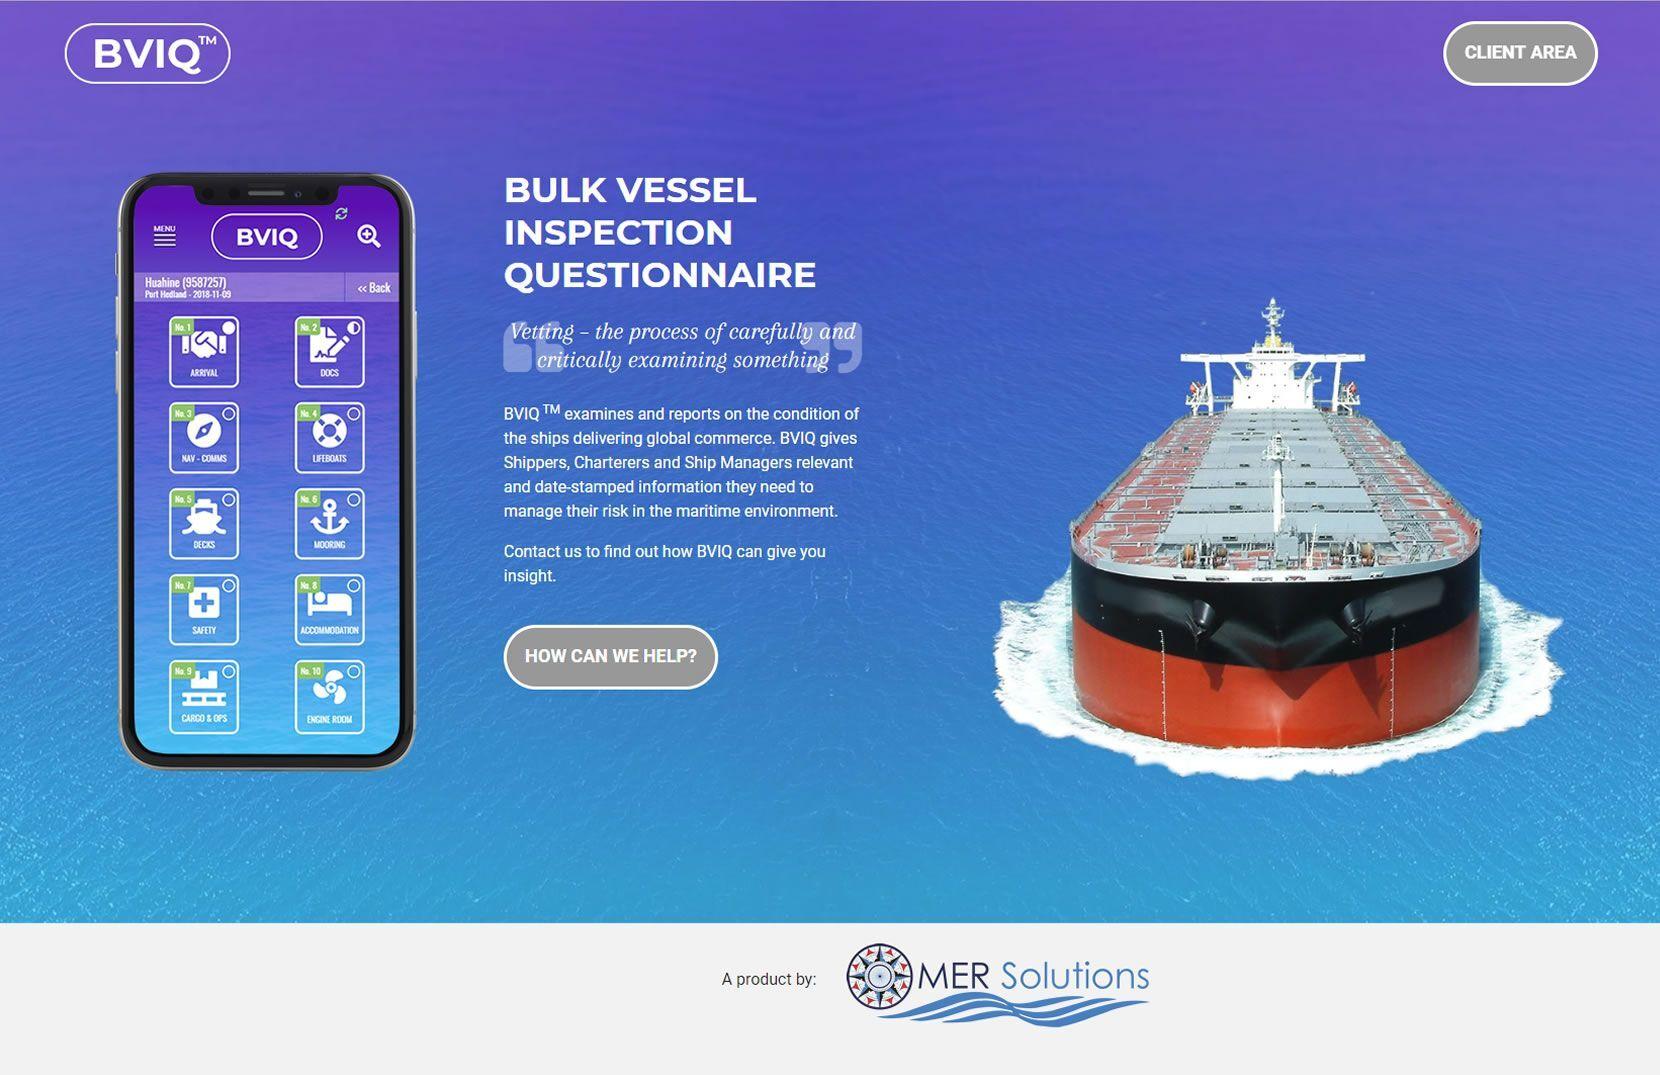 BVIQ - Bulk Vessel Inspection Questionnaire